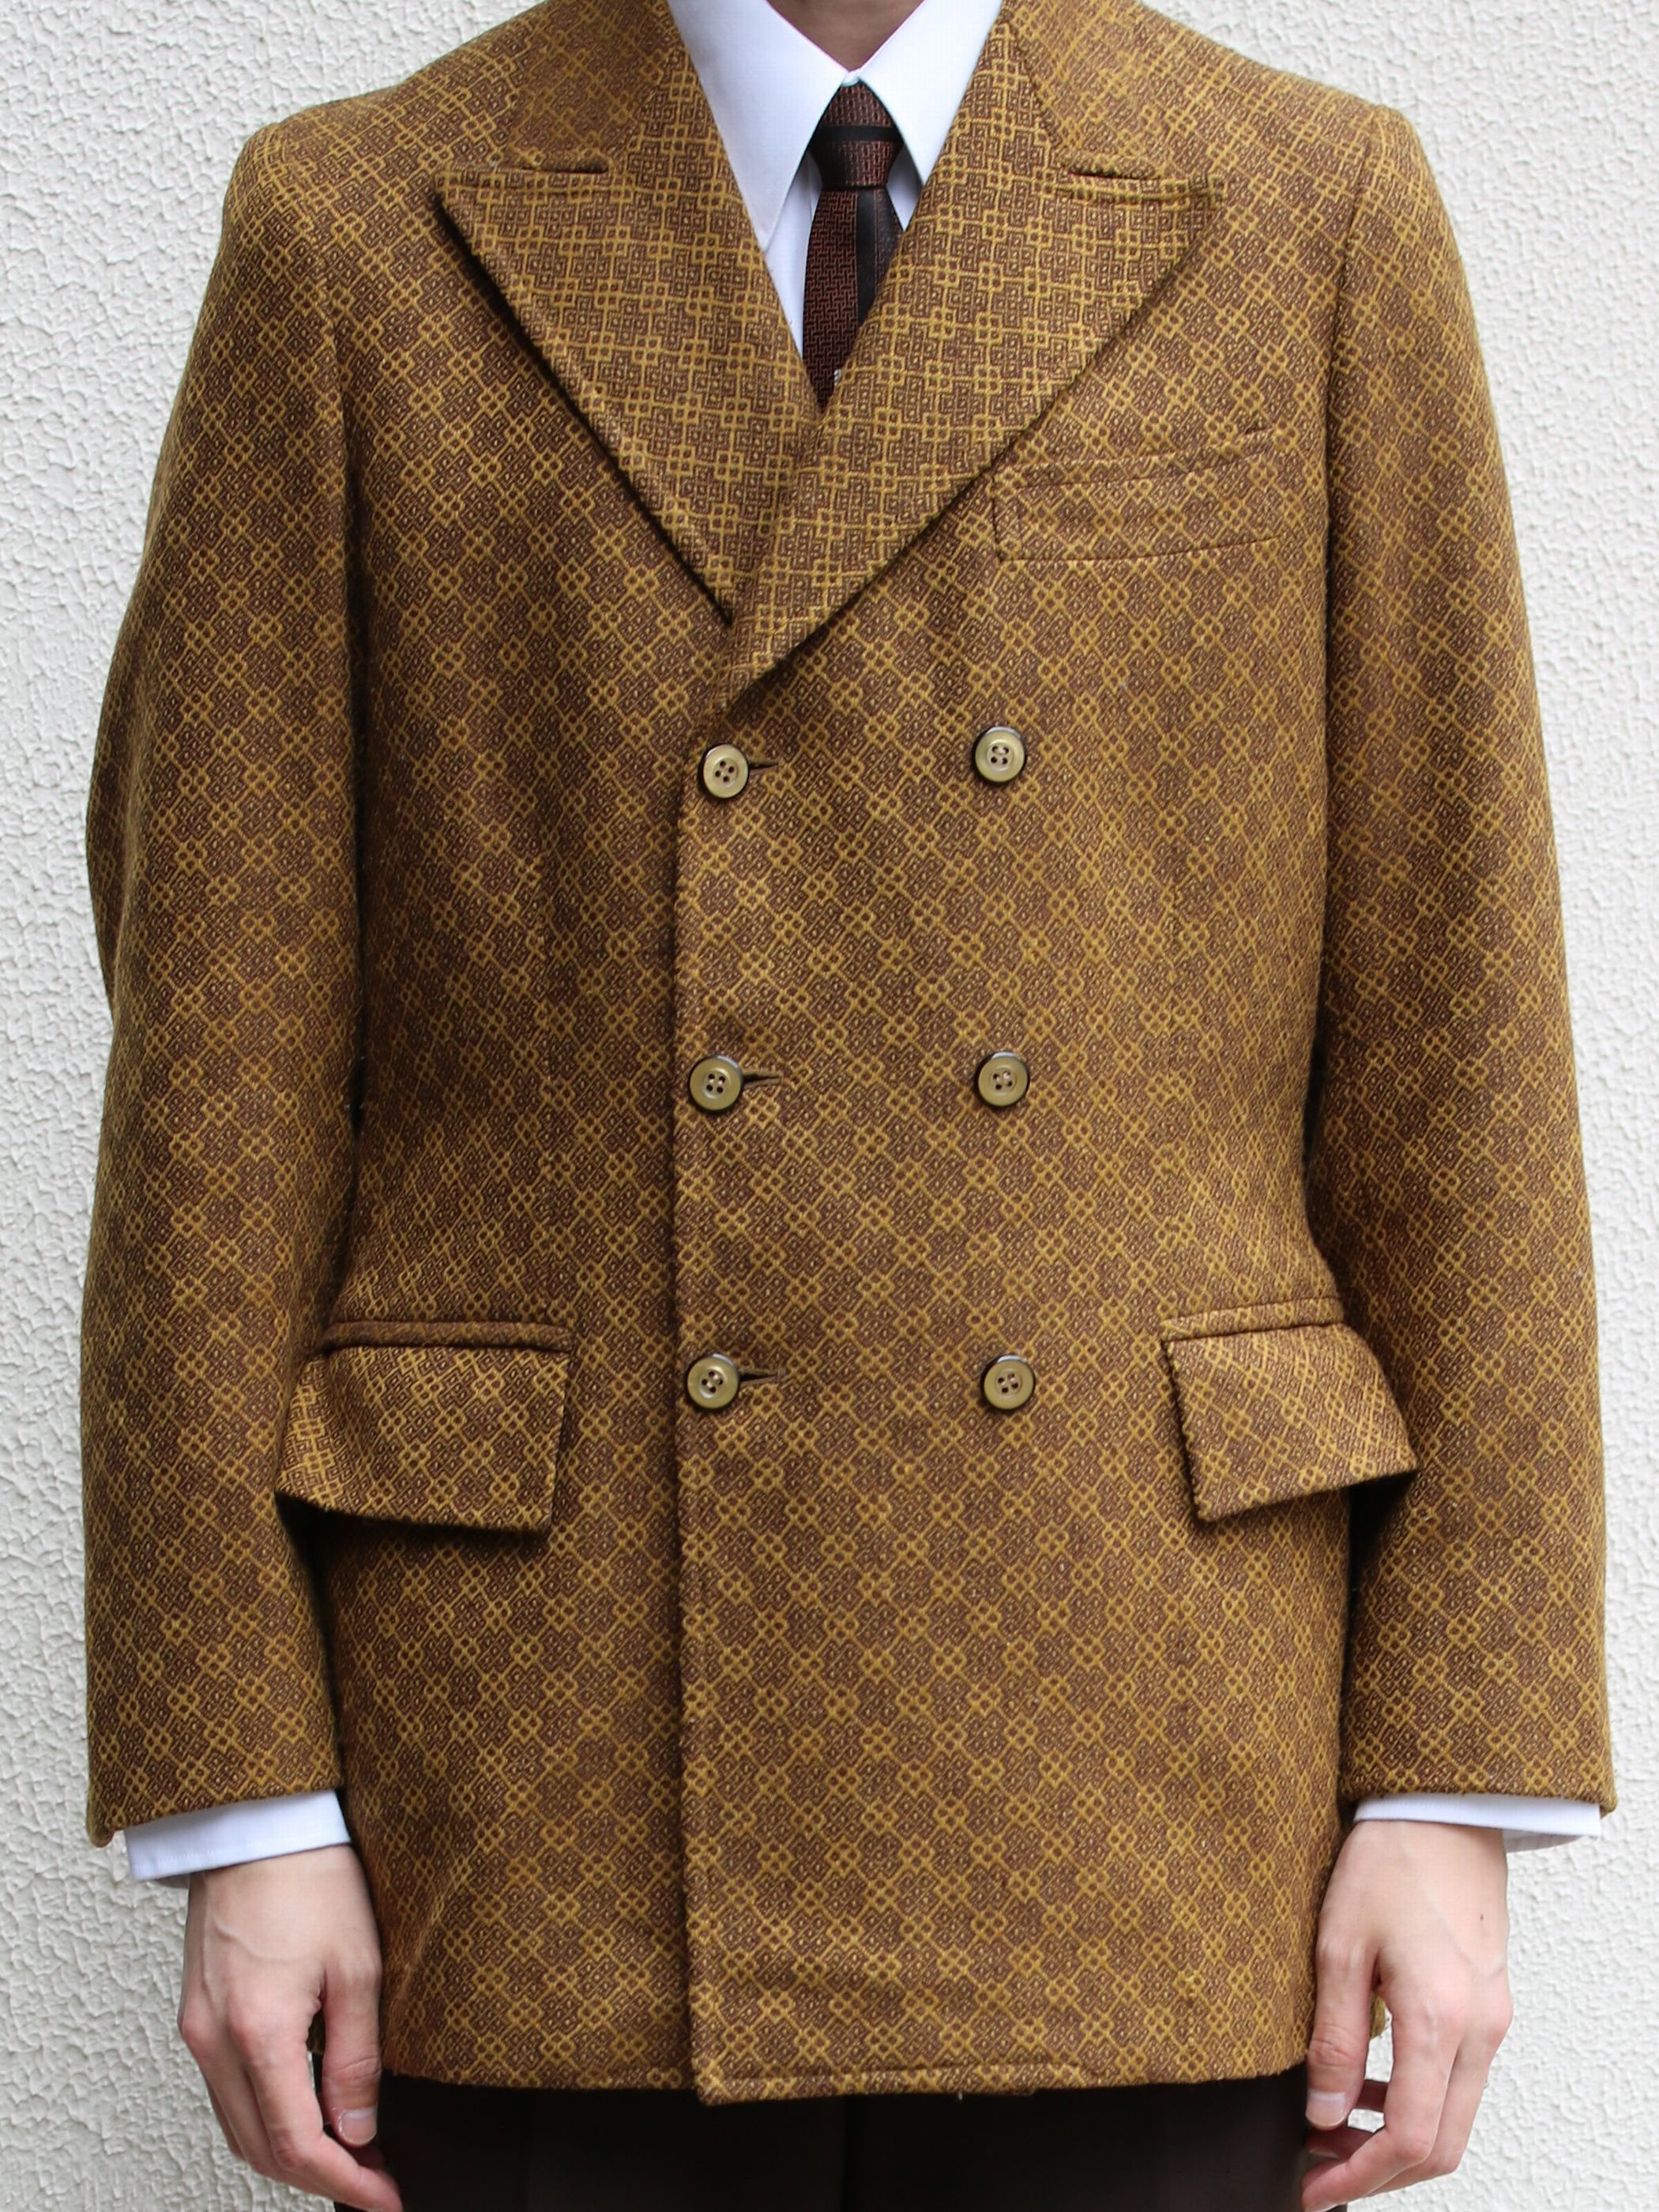 1970-80s / Vintage Jacket